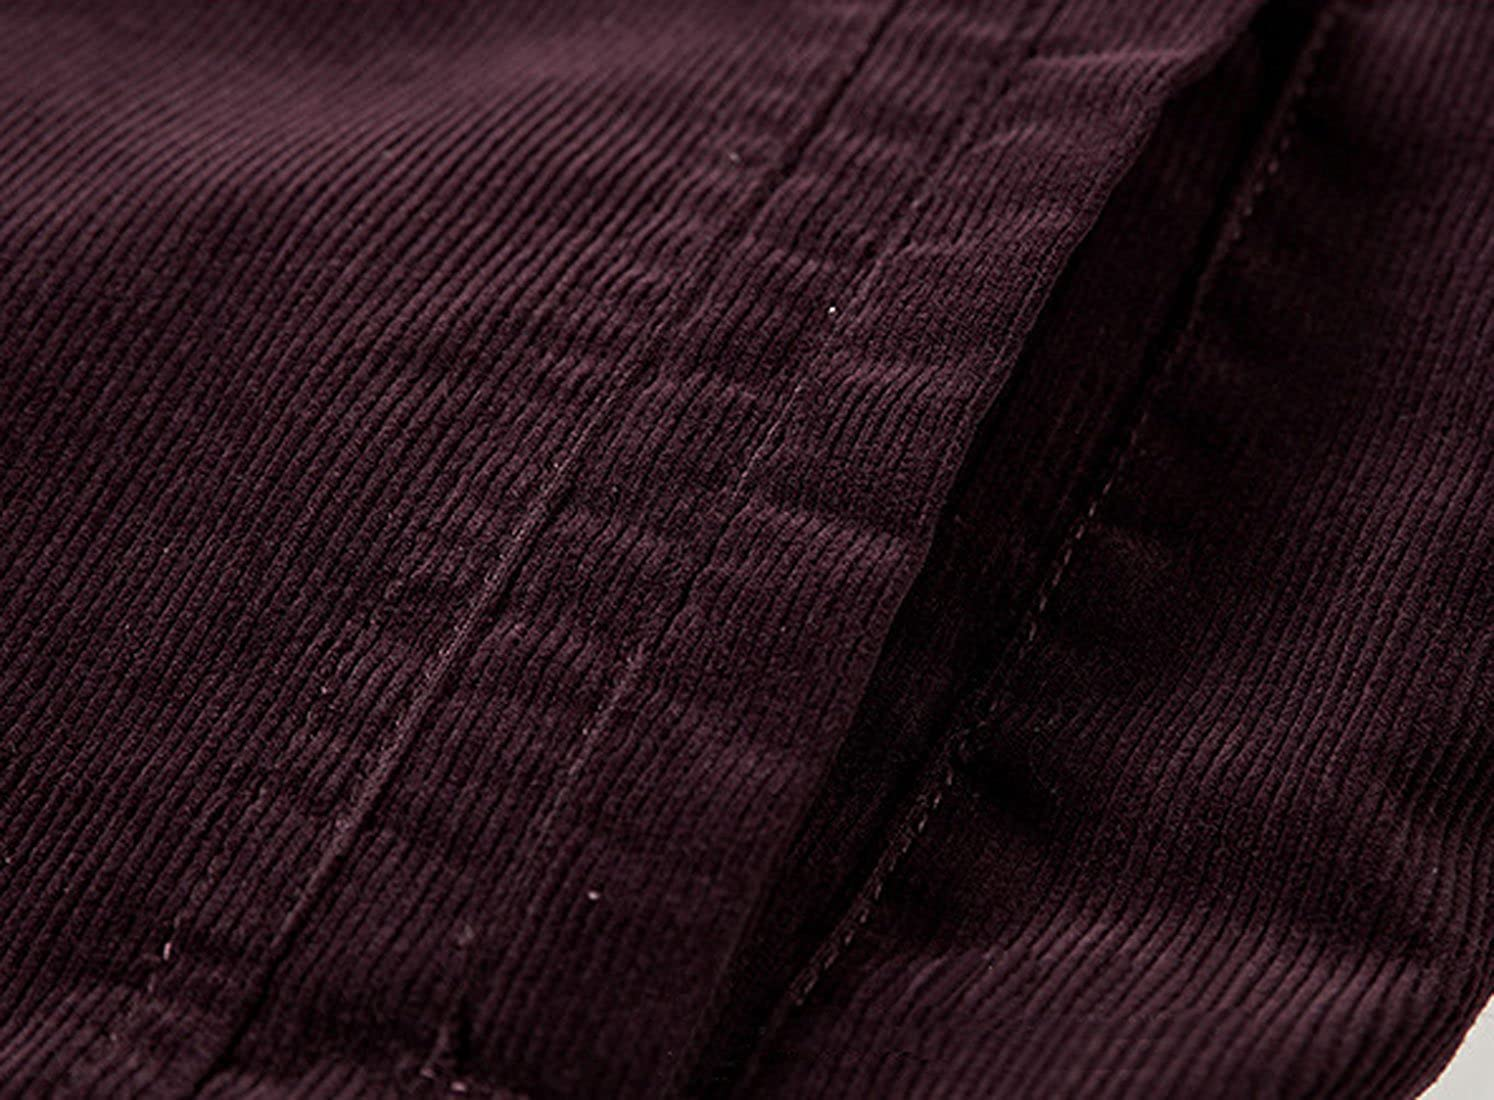 d4eb8330e99 Chartou Mens Vintage Button-Front Slim Fit Corduroy Denim Jacket for ...